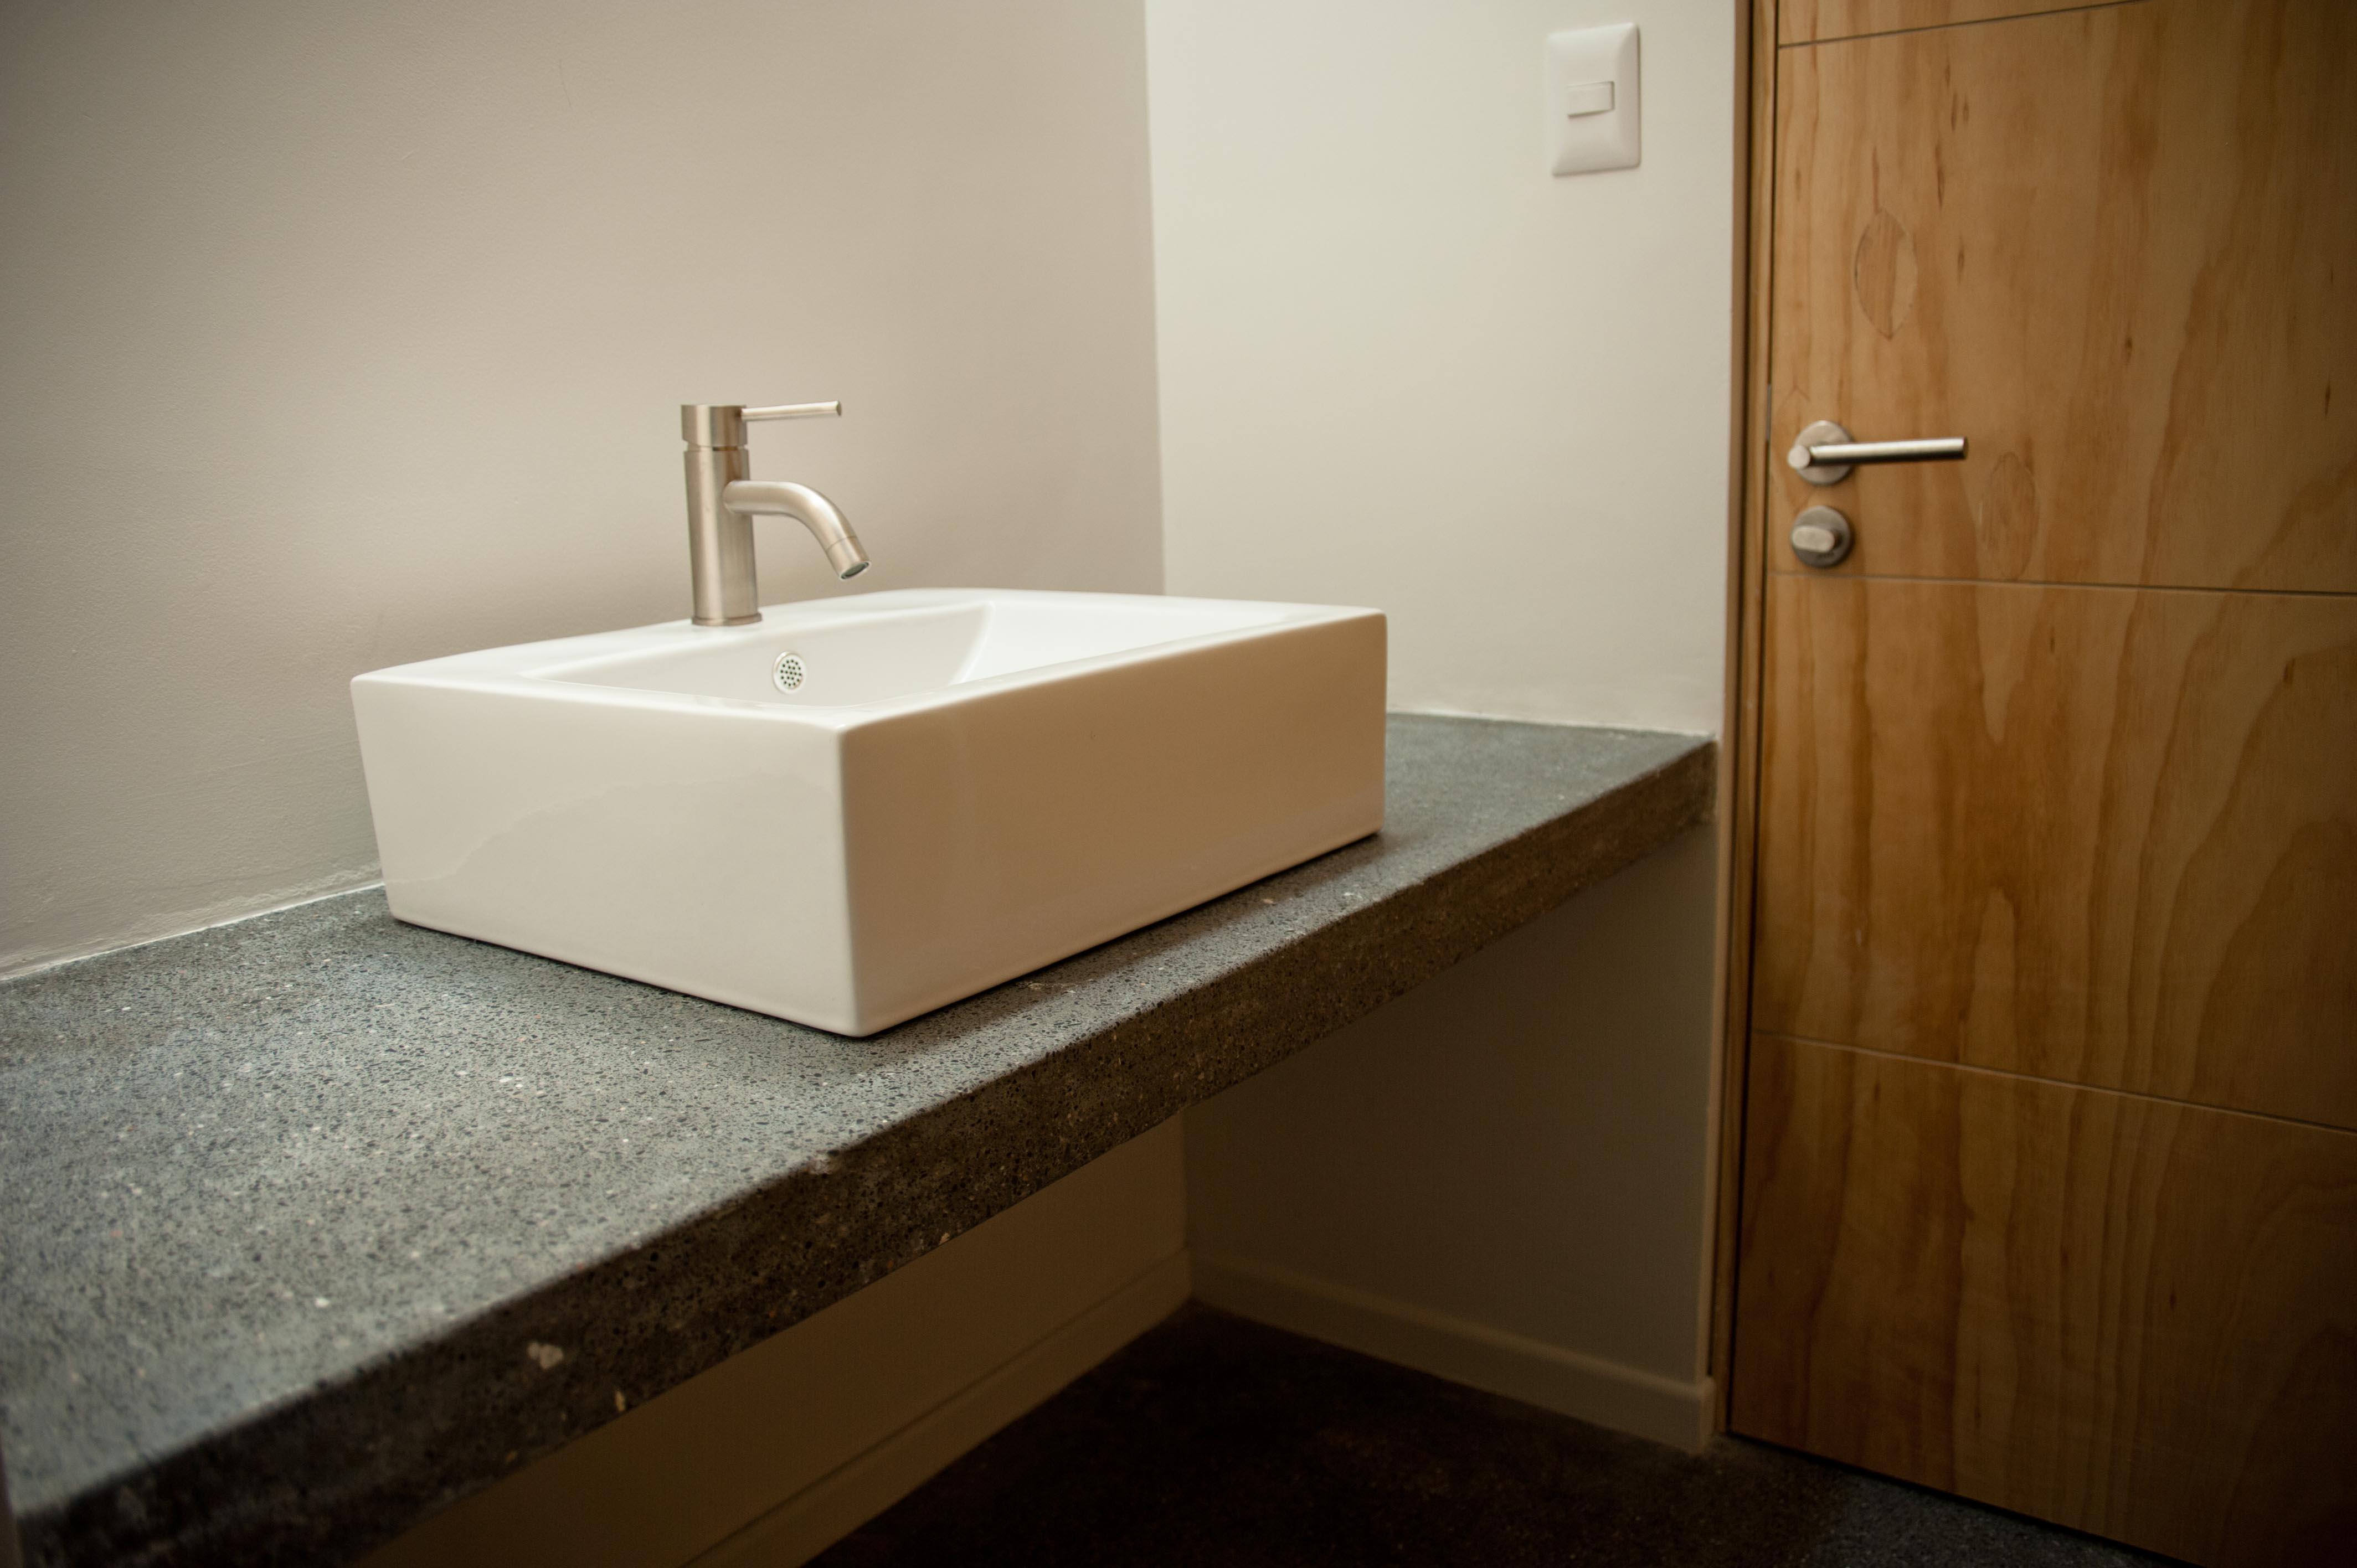 Baño Estilo Contemporaneo: CIEN – Acabados modernos de baño en casa estilo contemporáneo